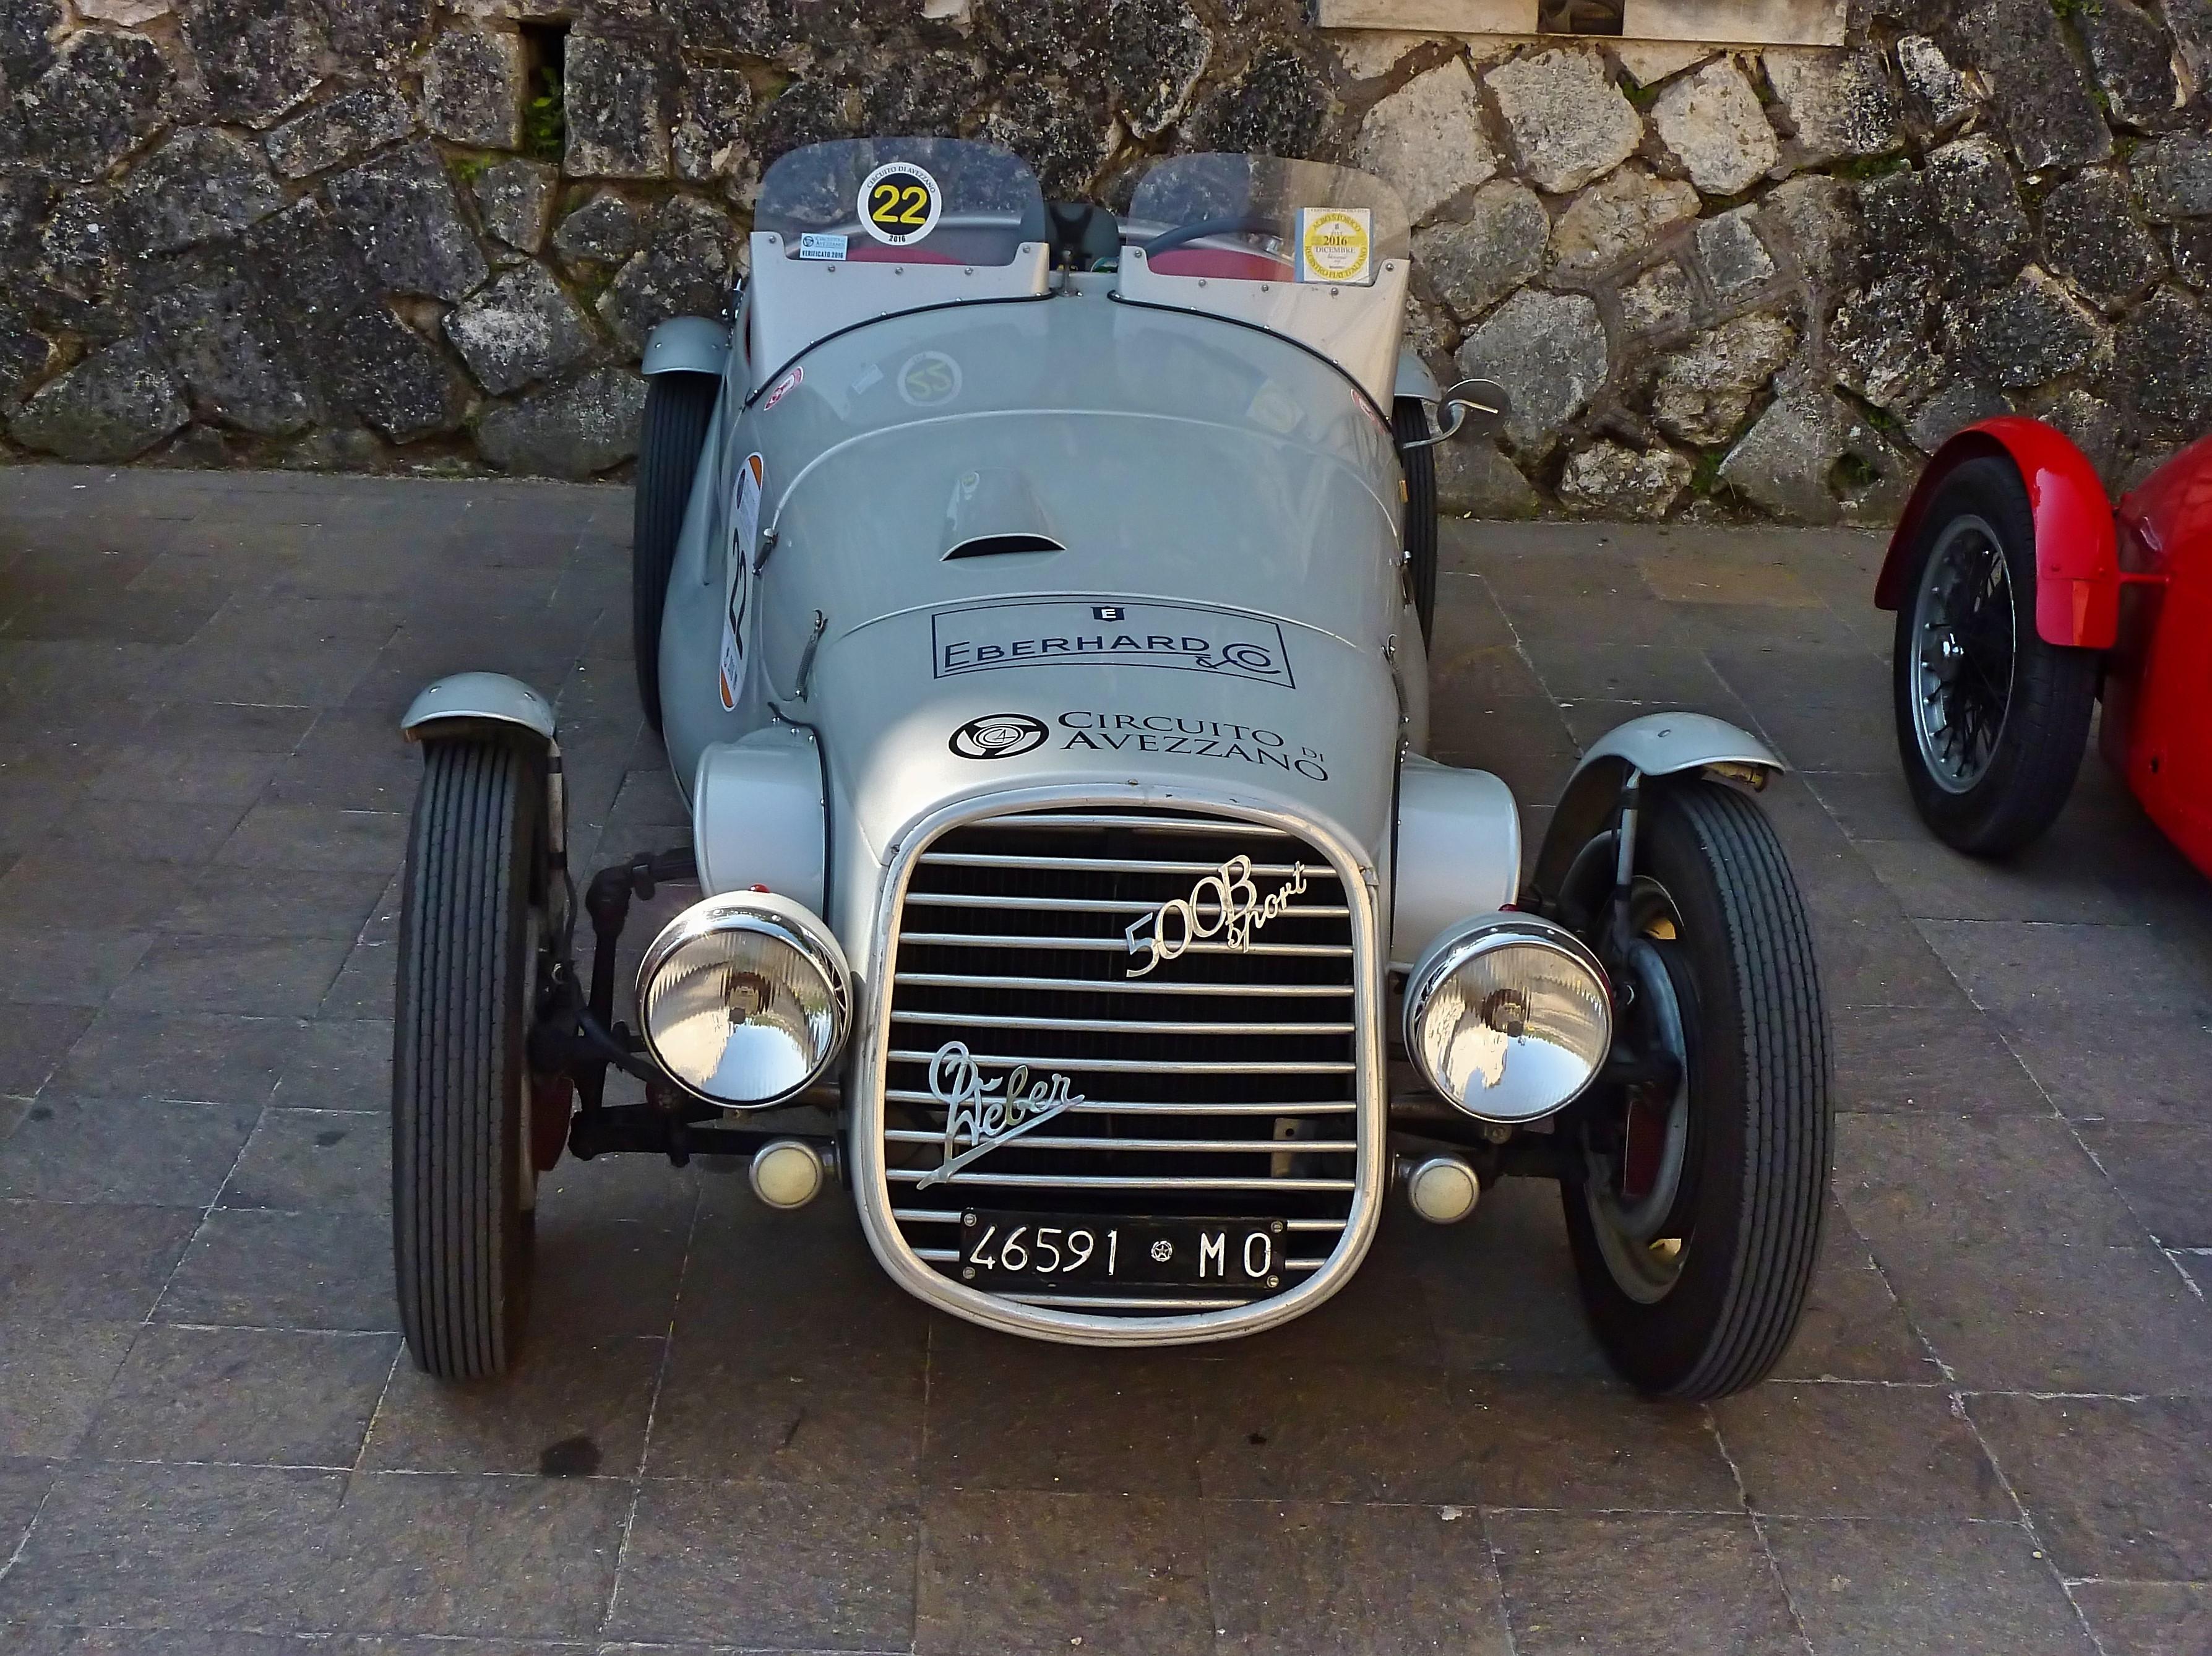 4th Circuito Di Avezzano (123)